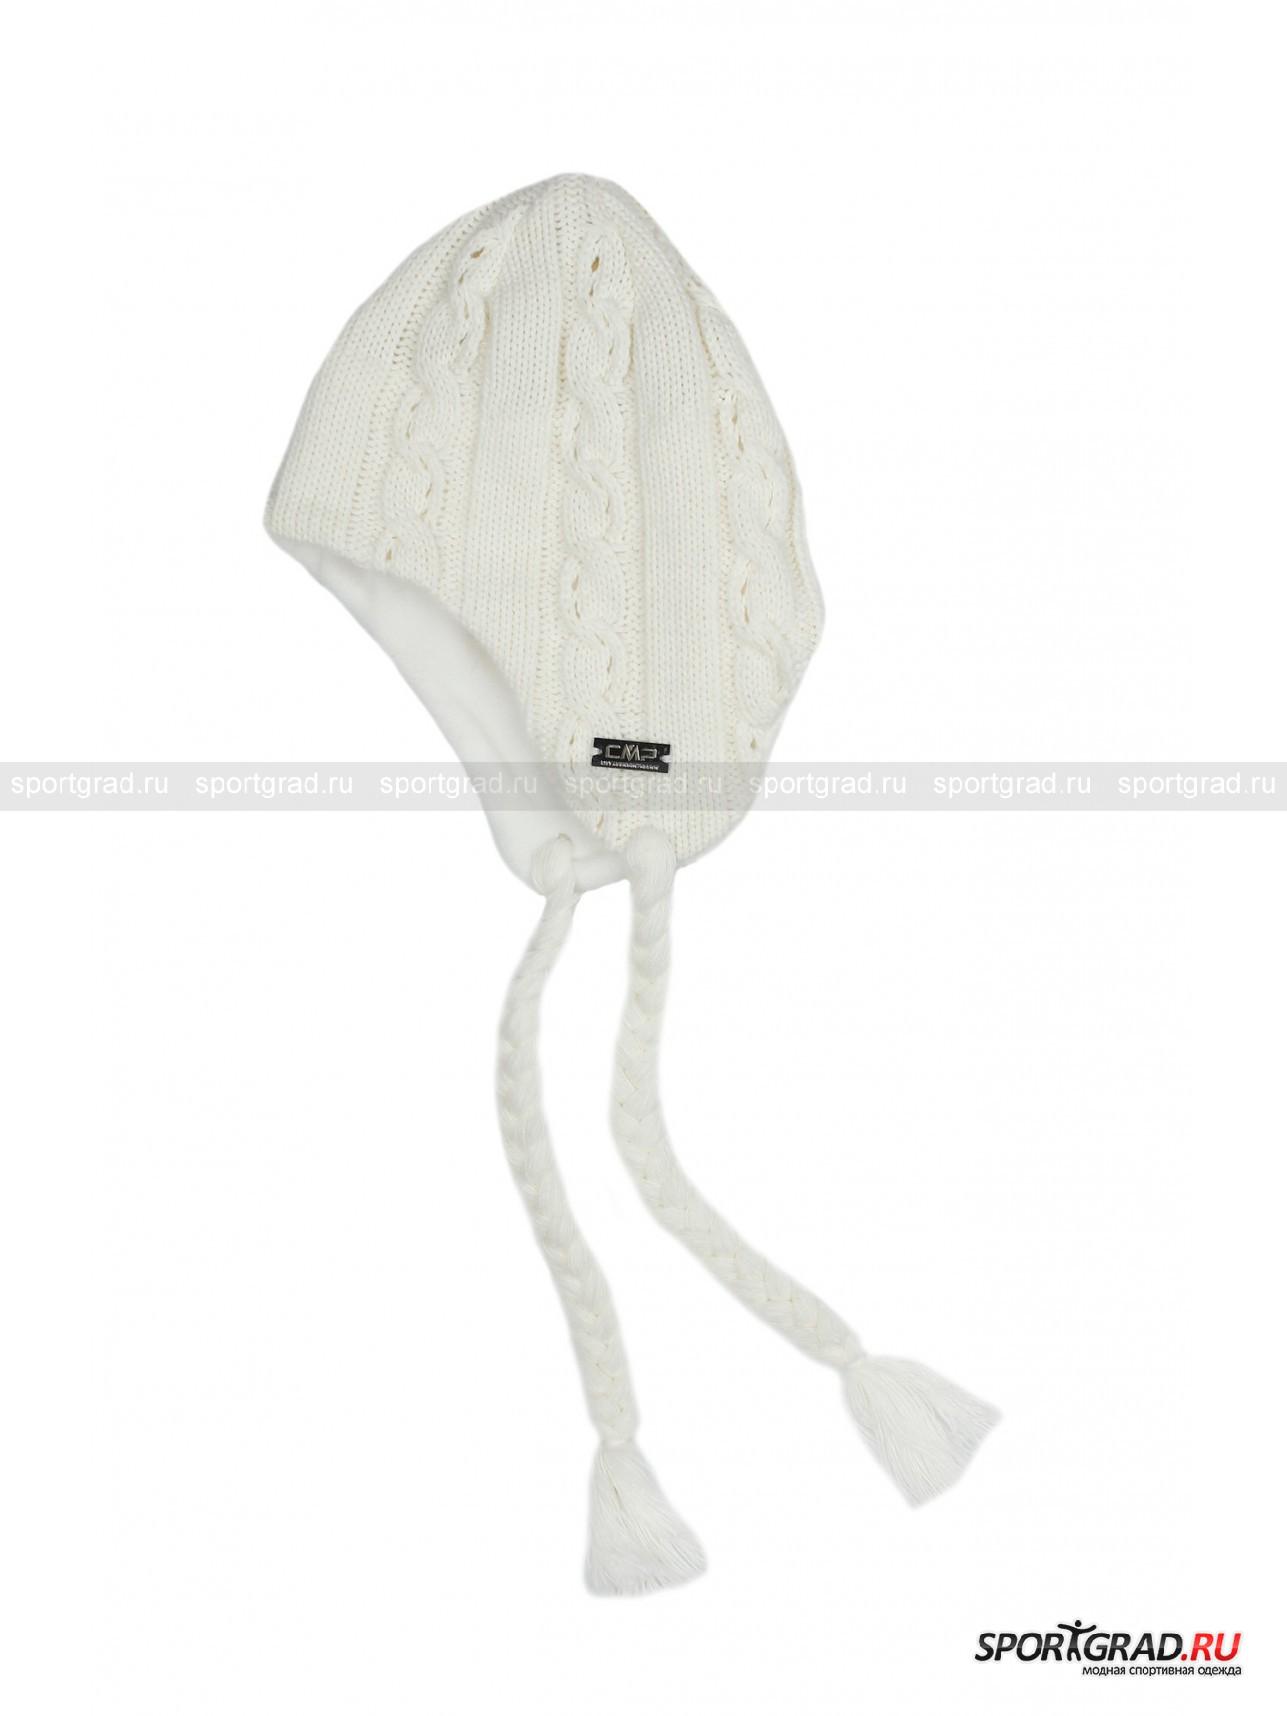 Шапка детская CAMPAGNOLOГоловные Уборы<br>Модная детская  вязаная шапка-ушанка CAMPAGNOLO – замечательное дополнение практически к любой верхней одежде, будь то пальто, курточка или пуховик. Изнутри по окружности модель продублирована  мягким и теплым флисом в тон, она хорошо закрывает уши, поэтому в этой шапке Вашему ребенку не будут страшны холода и морозы. Шапка не выглядит скучно благодаря узору из чередующихся вертикальных кос, а декоративные косички, пришитые к ушкам, дарят настроение легкости и непосредственности.<br>Длина окружности 45 см.<br><br>Возраст: Детский<br>Тип: Головные Уборы<br>Рекомендации по уходу: Рекомендуется деликатная стирка в холодной воде, глажка при низкой температуре. Сушить на горизонтальной поверхности. Нельзя отбеливать, подвергать химчистке, отжимать и сушить в стиральной машине или в электросушке.<br>Состав: Верх - 50% акрил, 25% полиамид, 25% шерсть, подкладка - 100% полиэстер